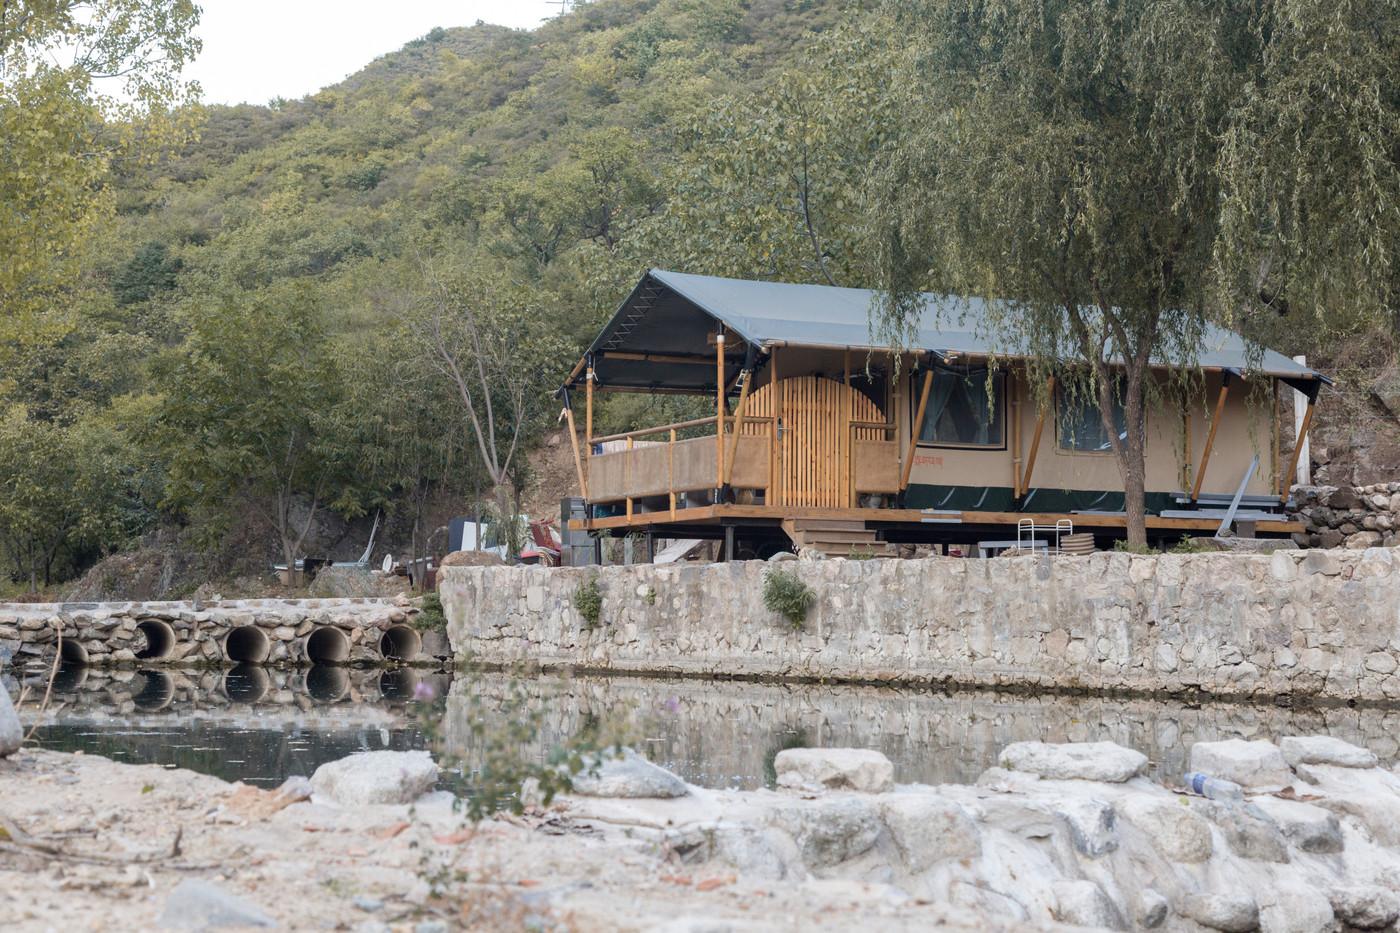 喜马拉雅野奢帐篷酒店一北京石头 剪刀 布一私享院子 54平山谷型  15